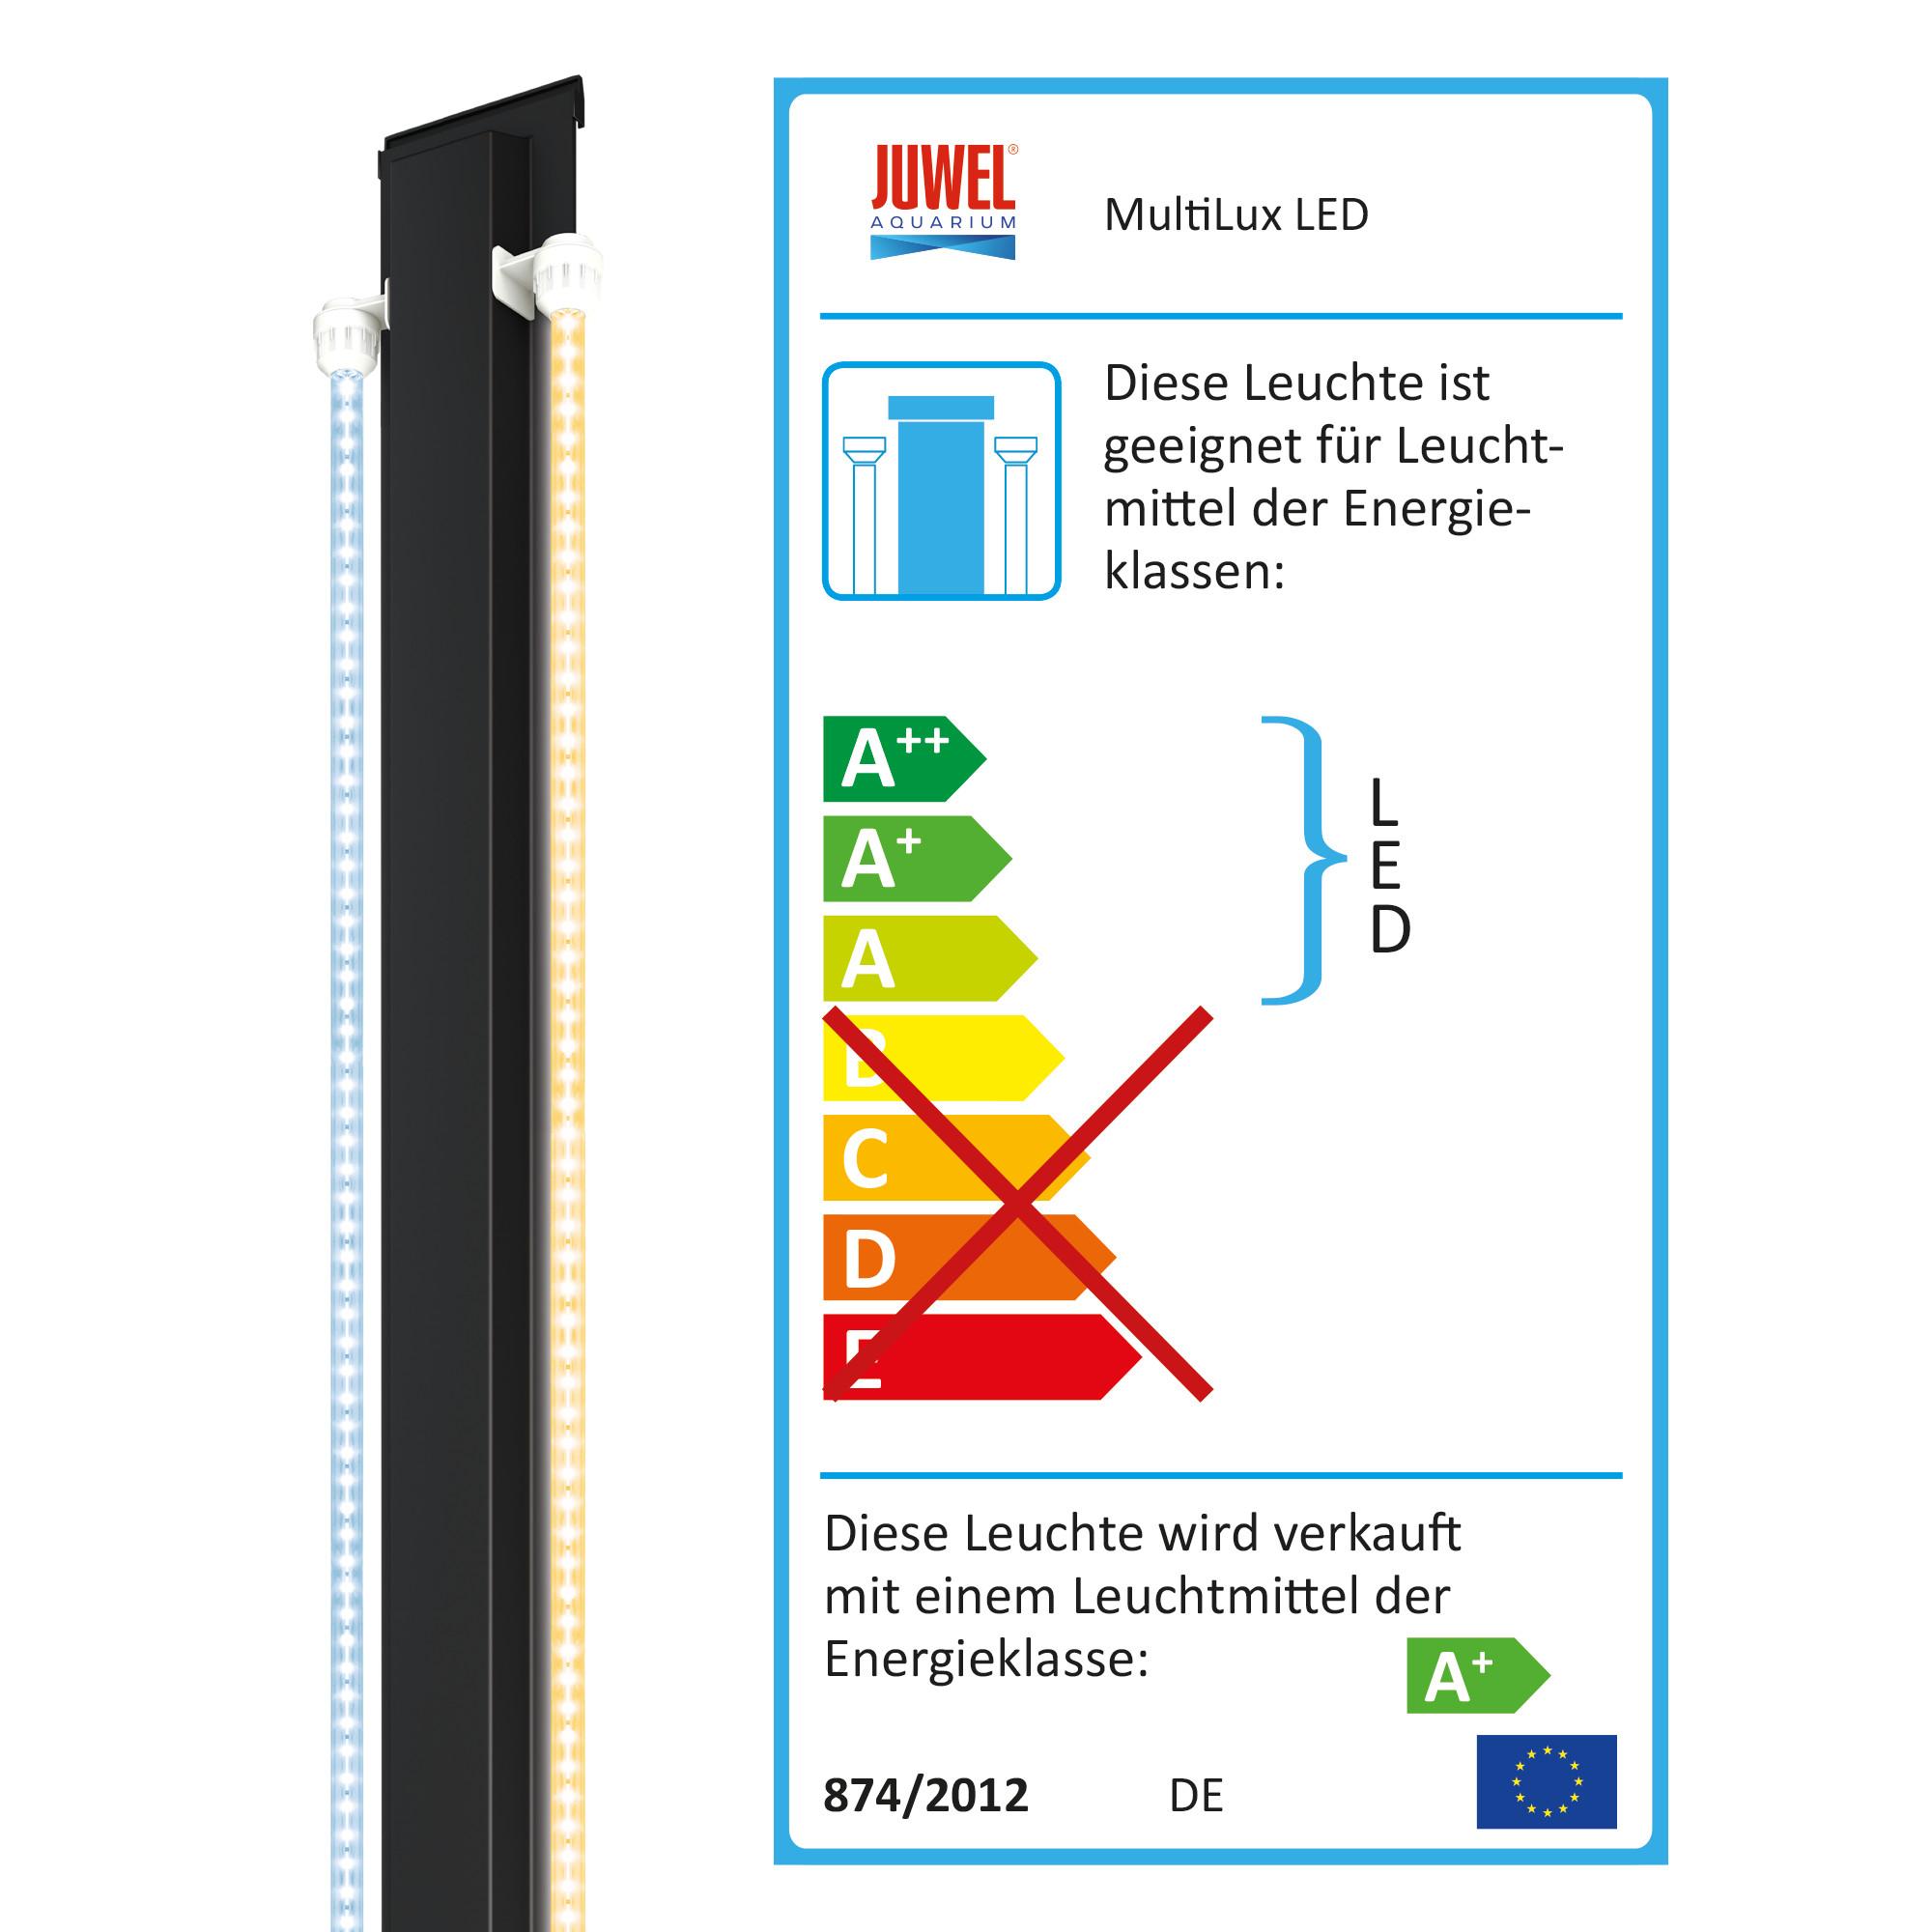 Tous les éclairages Juwel Led sont classés A++ A+ ou A au niveau de leur consommation électrique